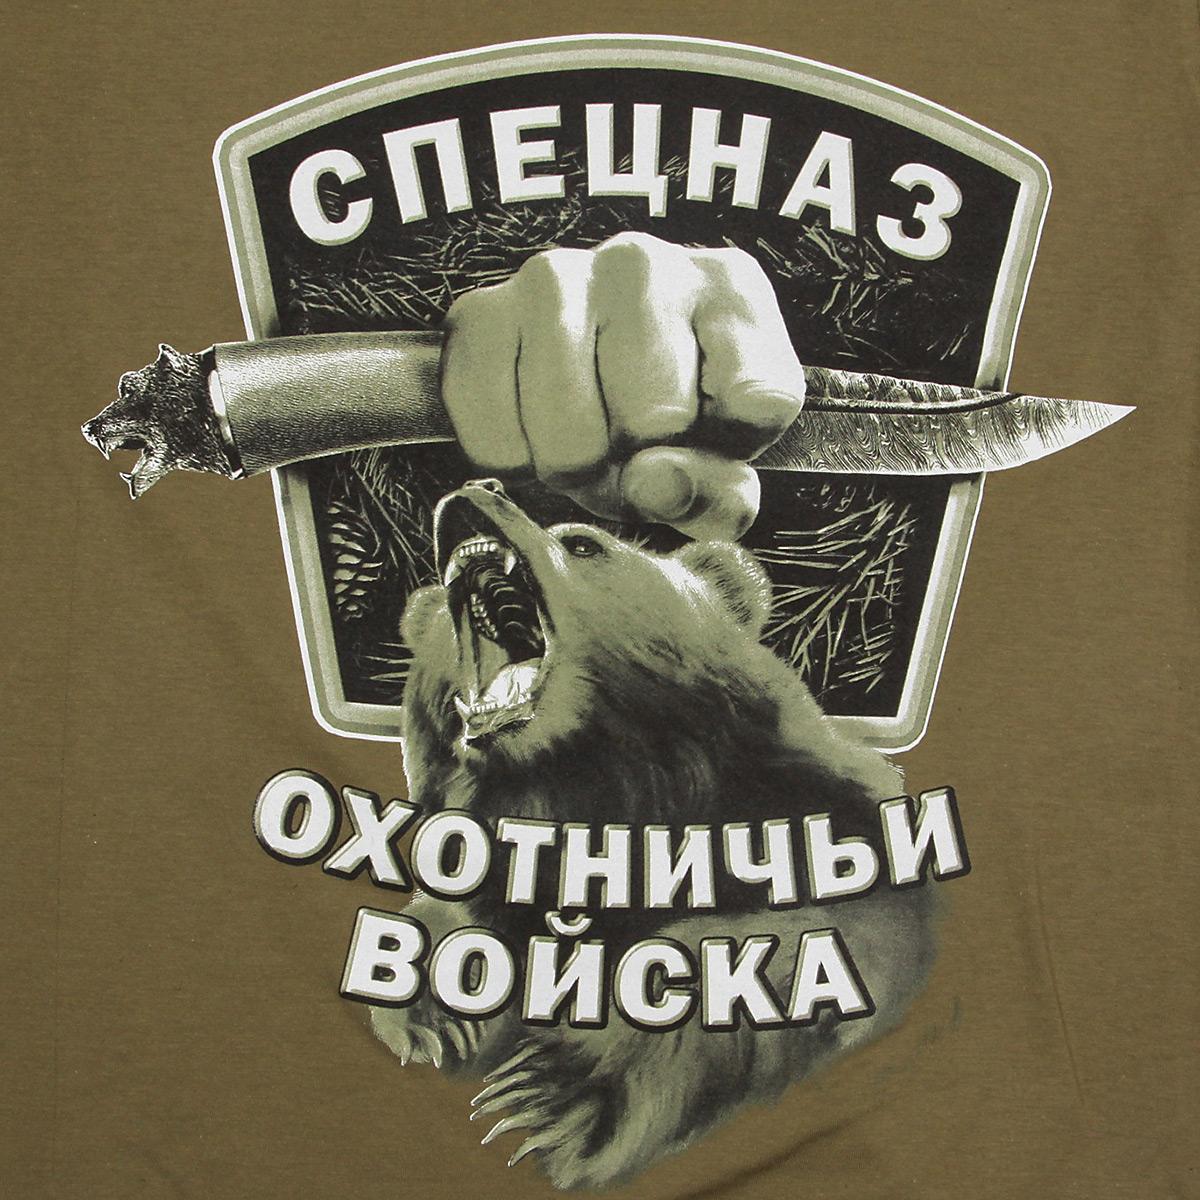 Футболка Охотничьего спецназа - принт